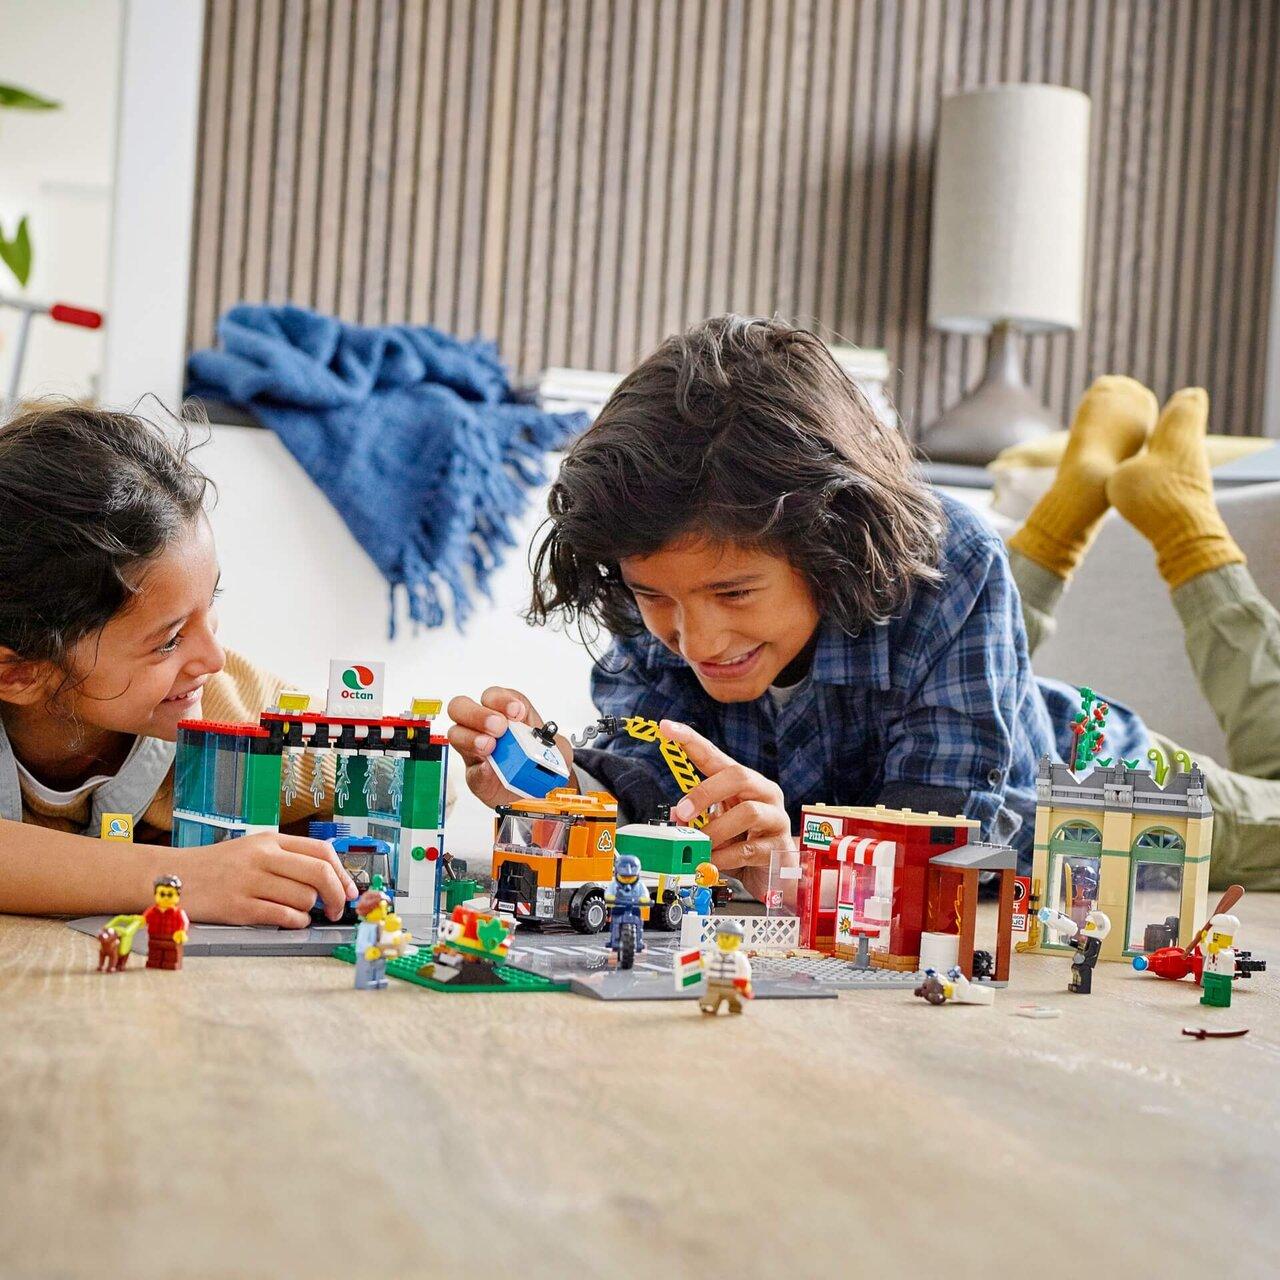 レゴ® で遊ぶ子ども達の様子